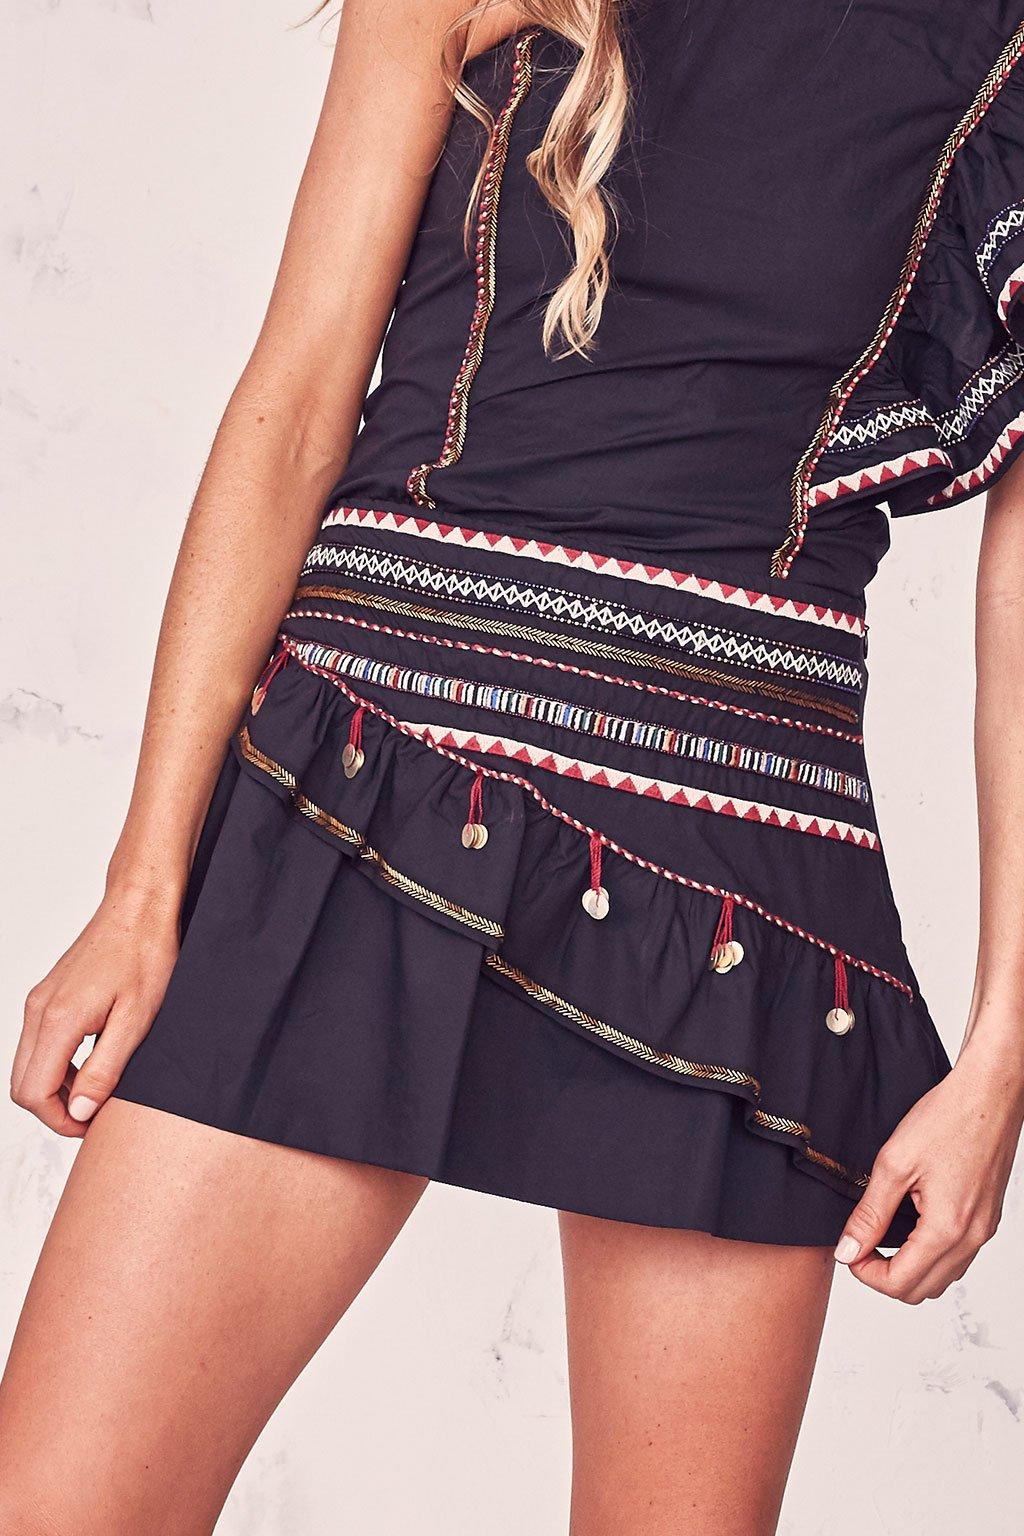 LoveShackFancy-lena-skirt-black-1_1024x.jpg